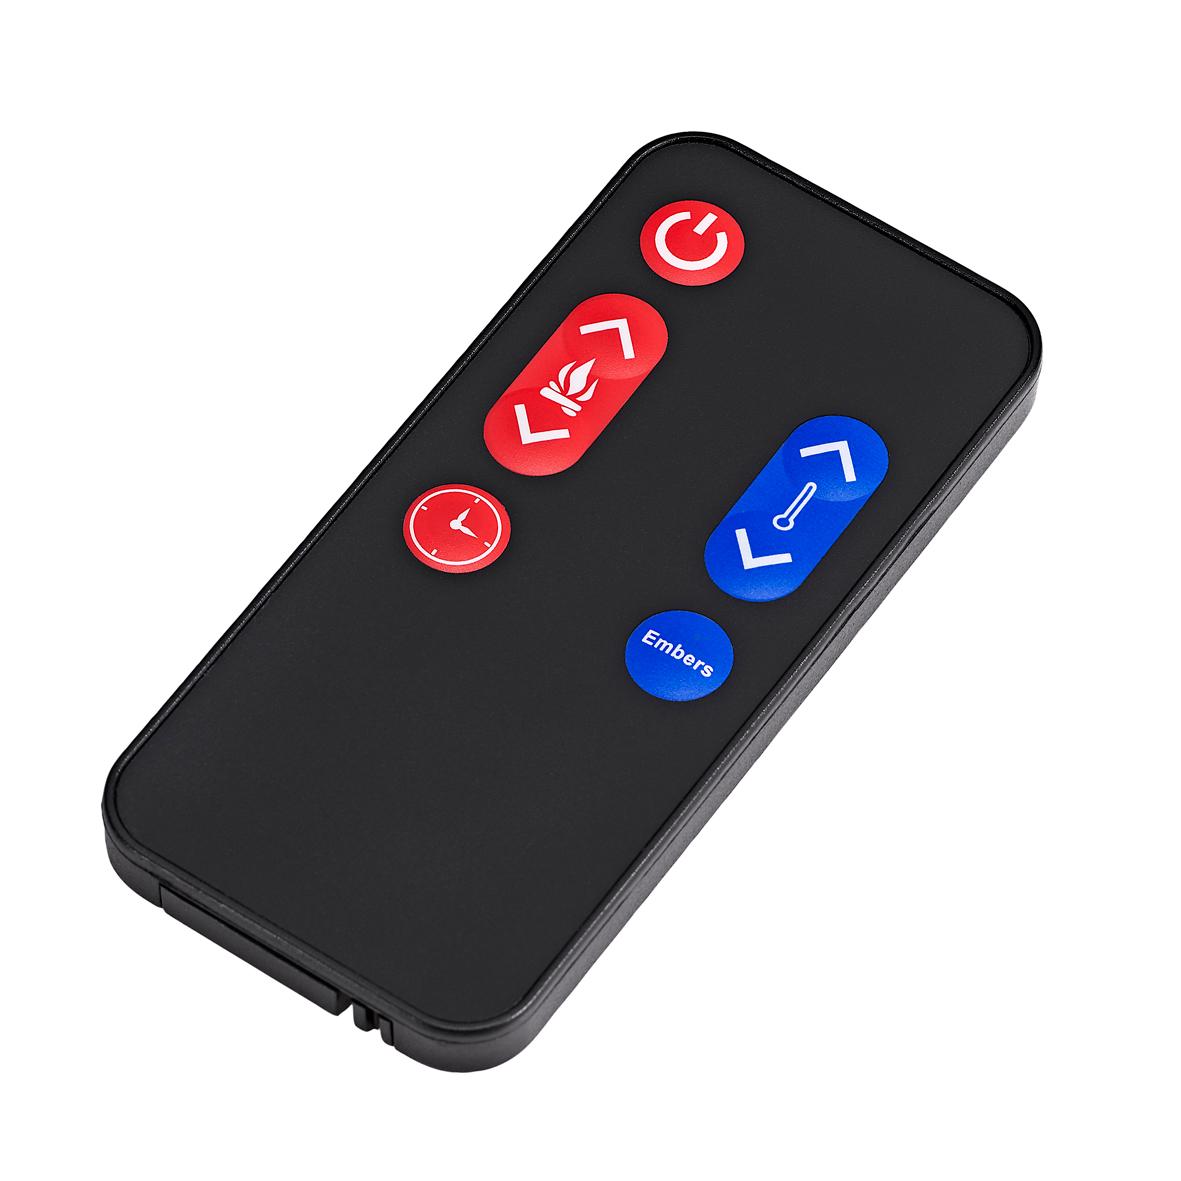 Shaftesbury/ Charmouth/ Osmington Electric Fire Remote Control Handset V1 (Pre-Dec 2017)